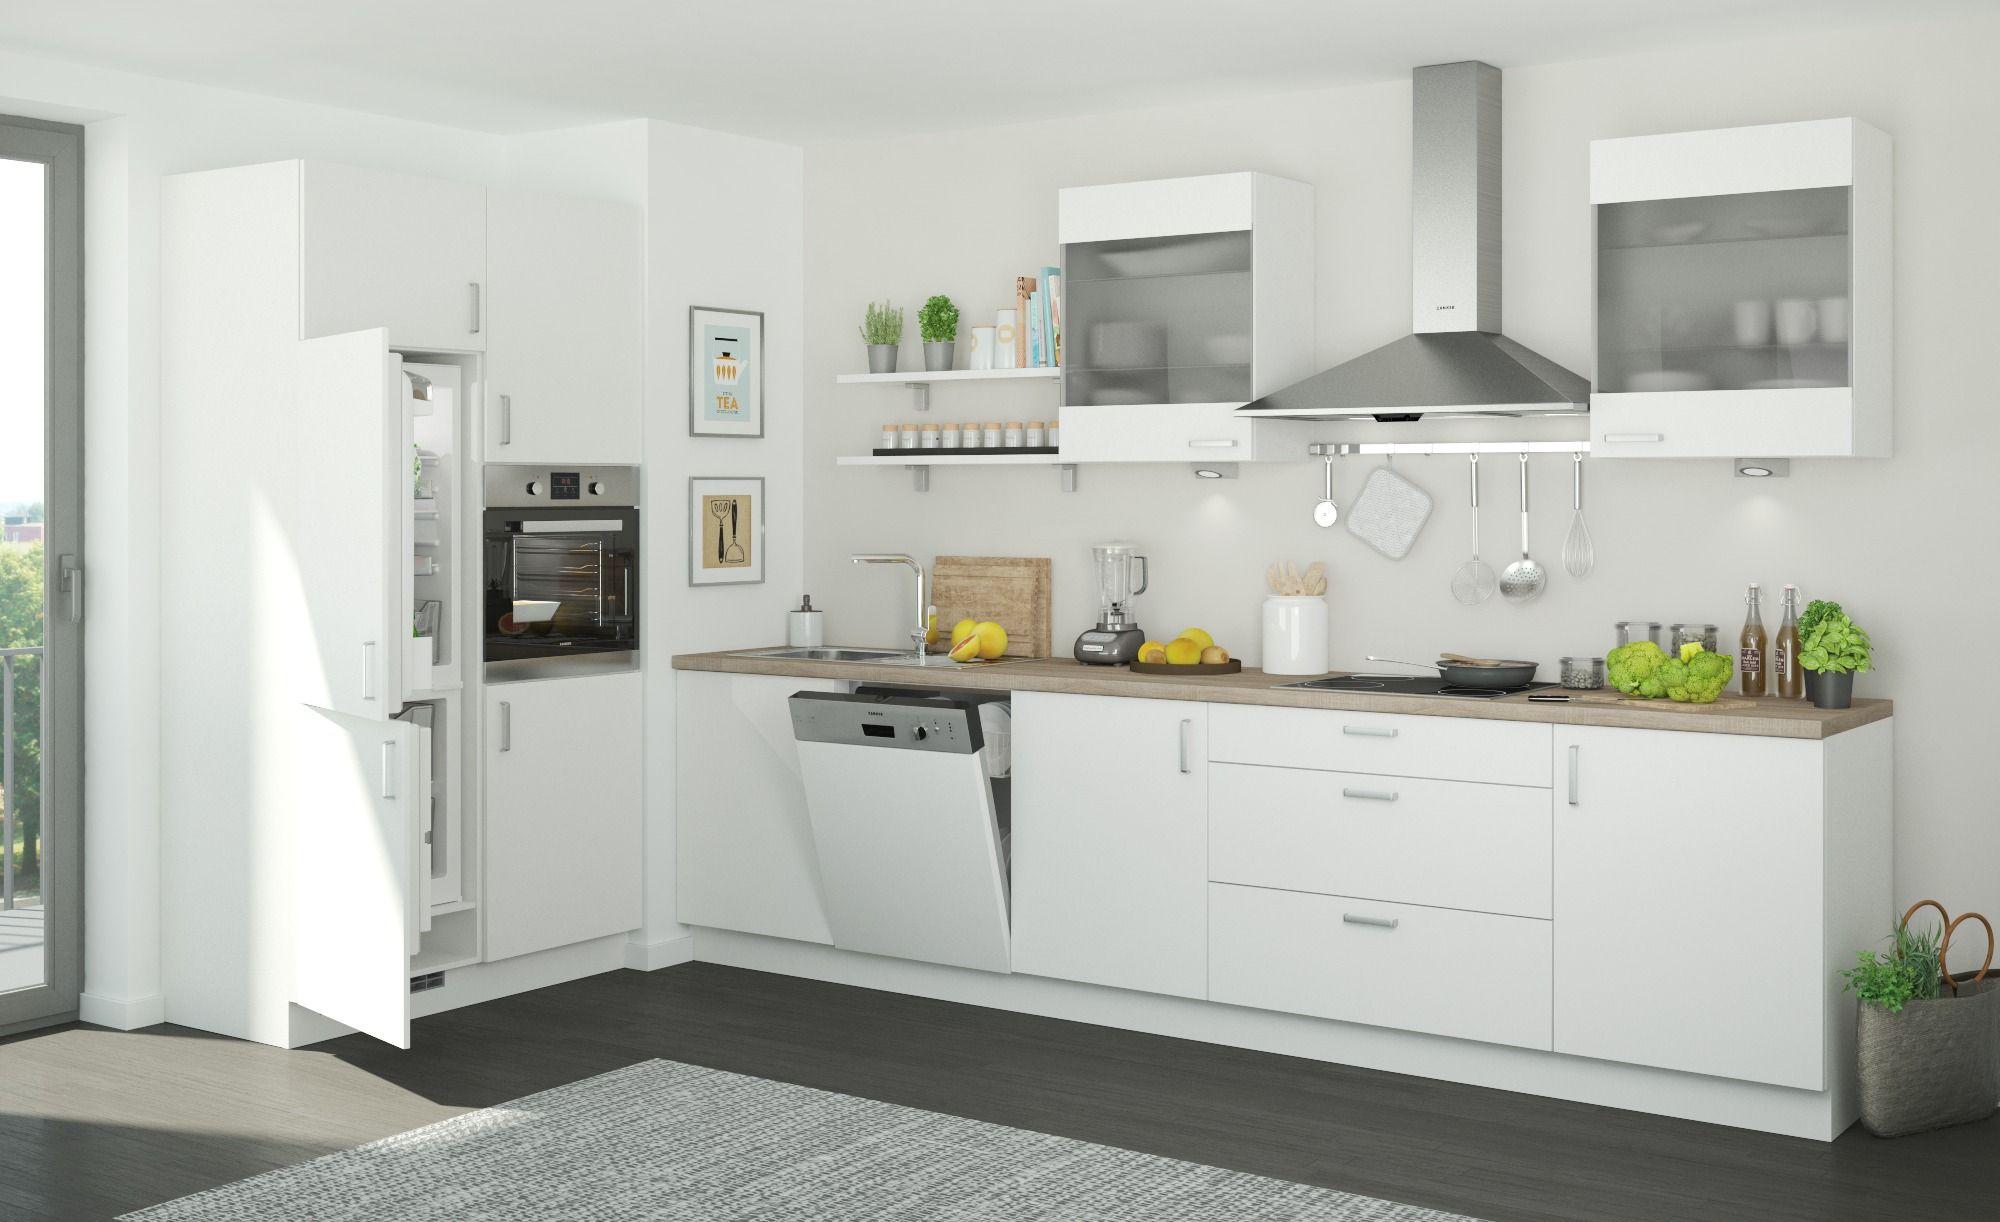 Kuchenzeile Ohne Elektrogerate Frankfurt Gefunden Bei Mobel Hoffner Kuche Block Kuchenzeilen Kuche